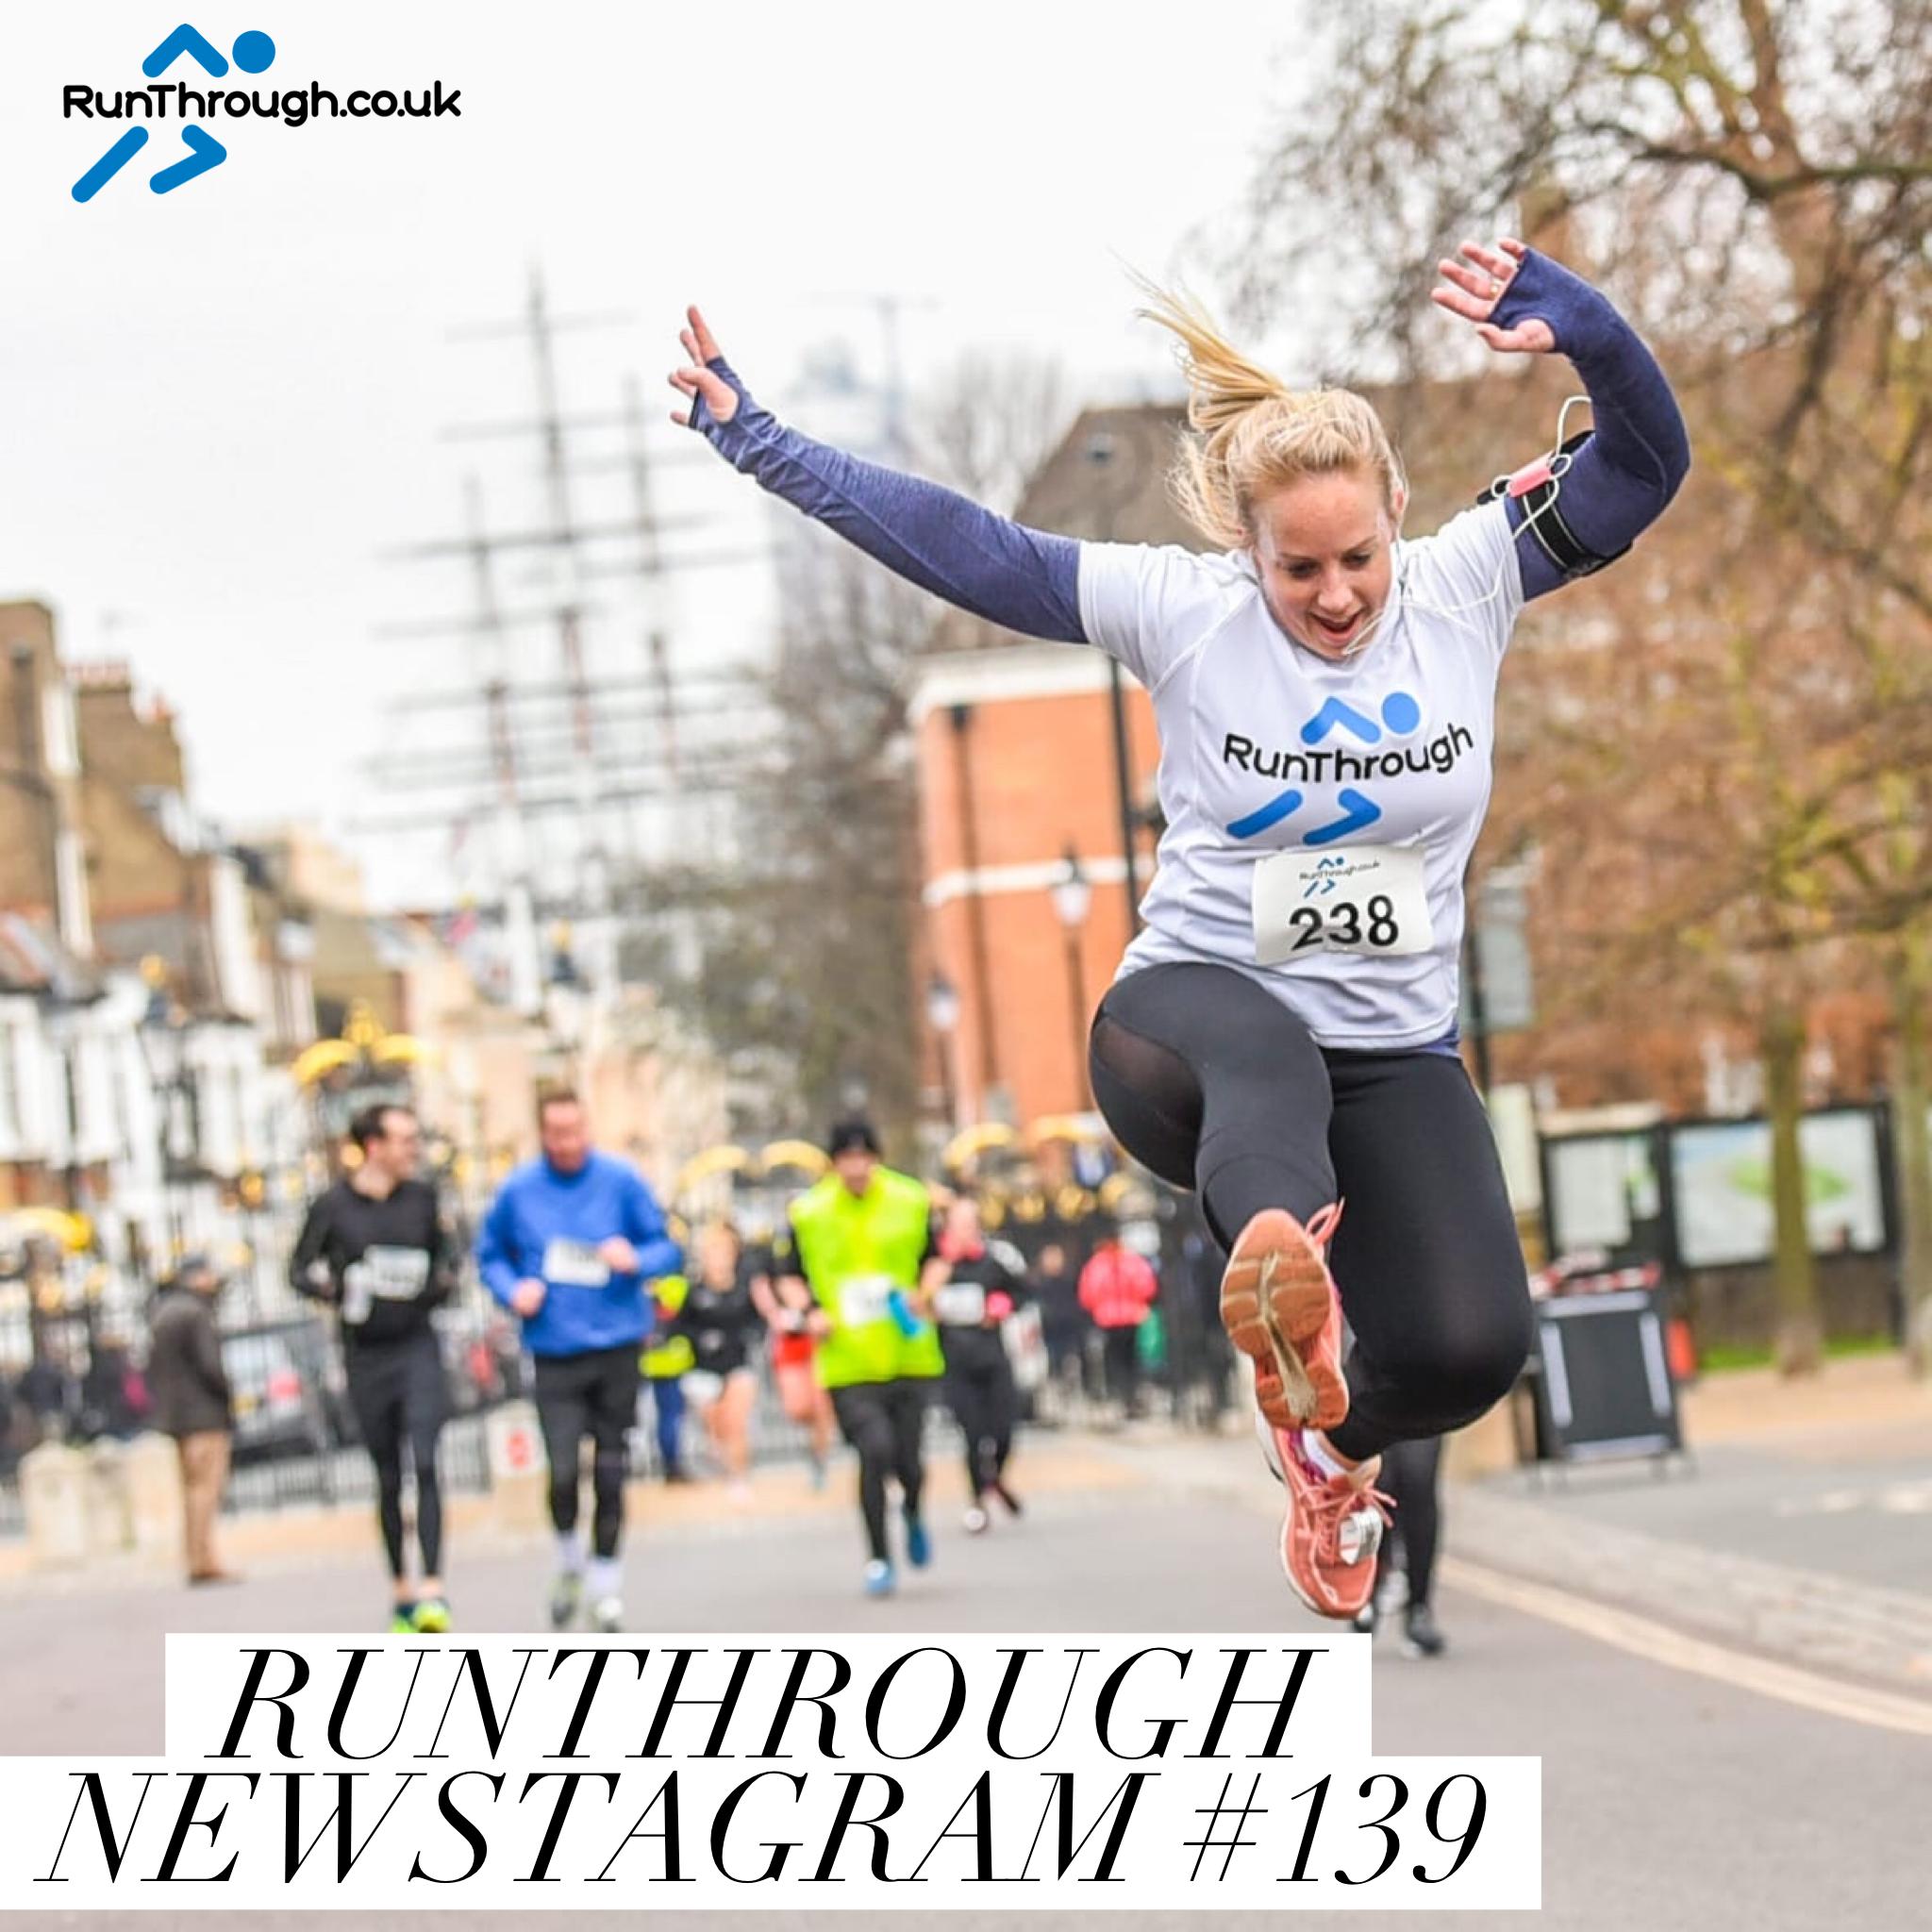 RunThrough Newsletter 21st January 2018